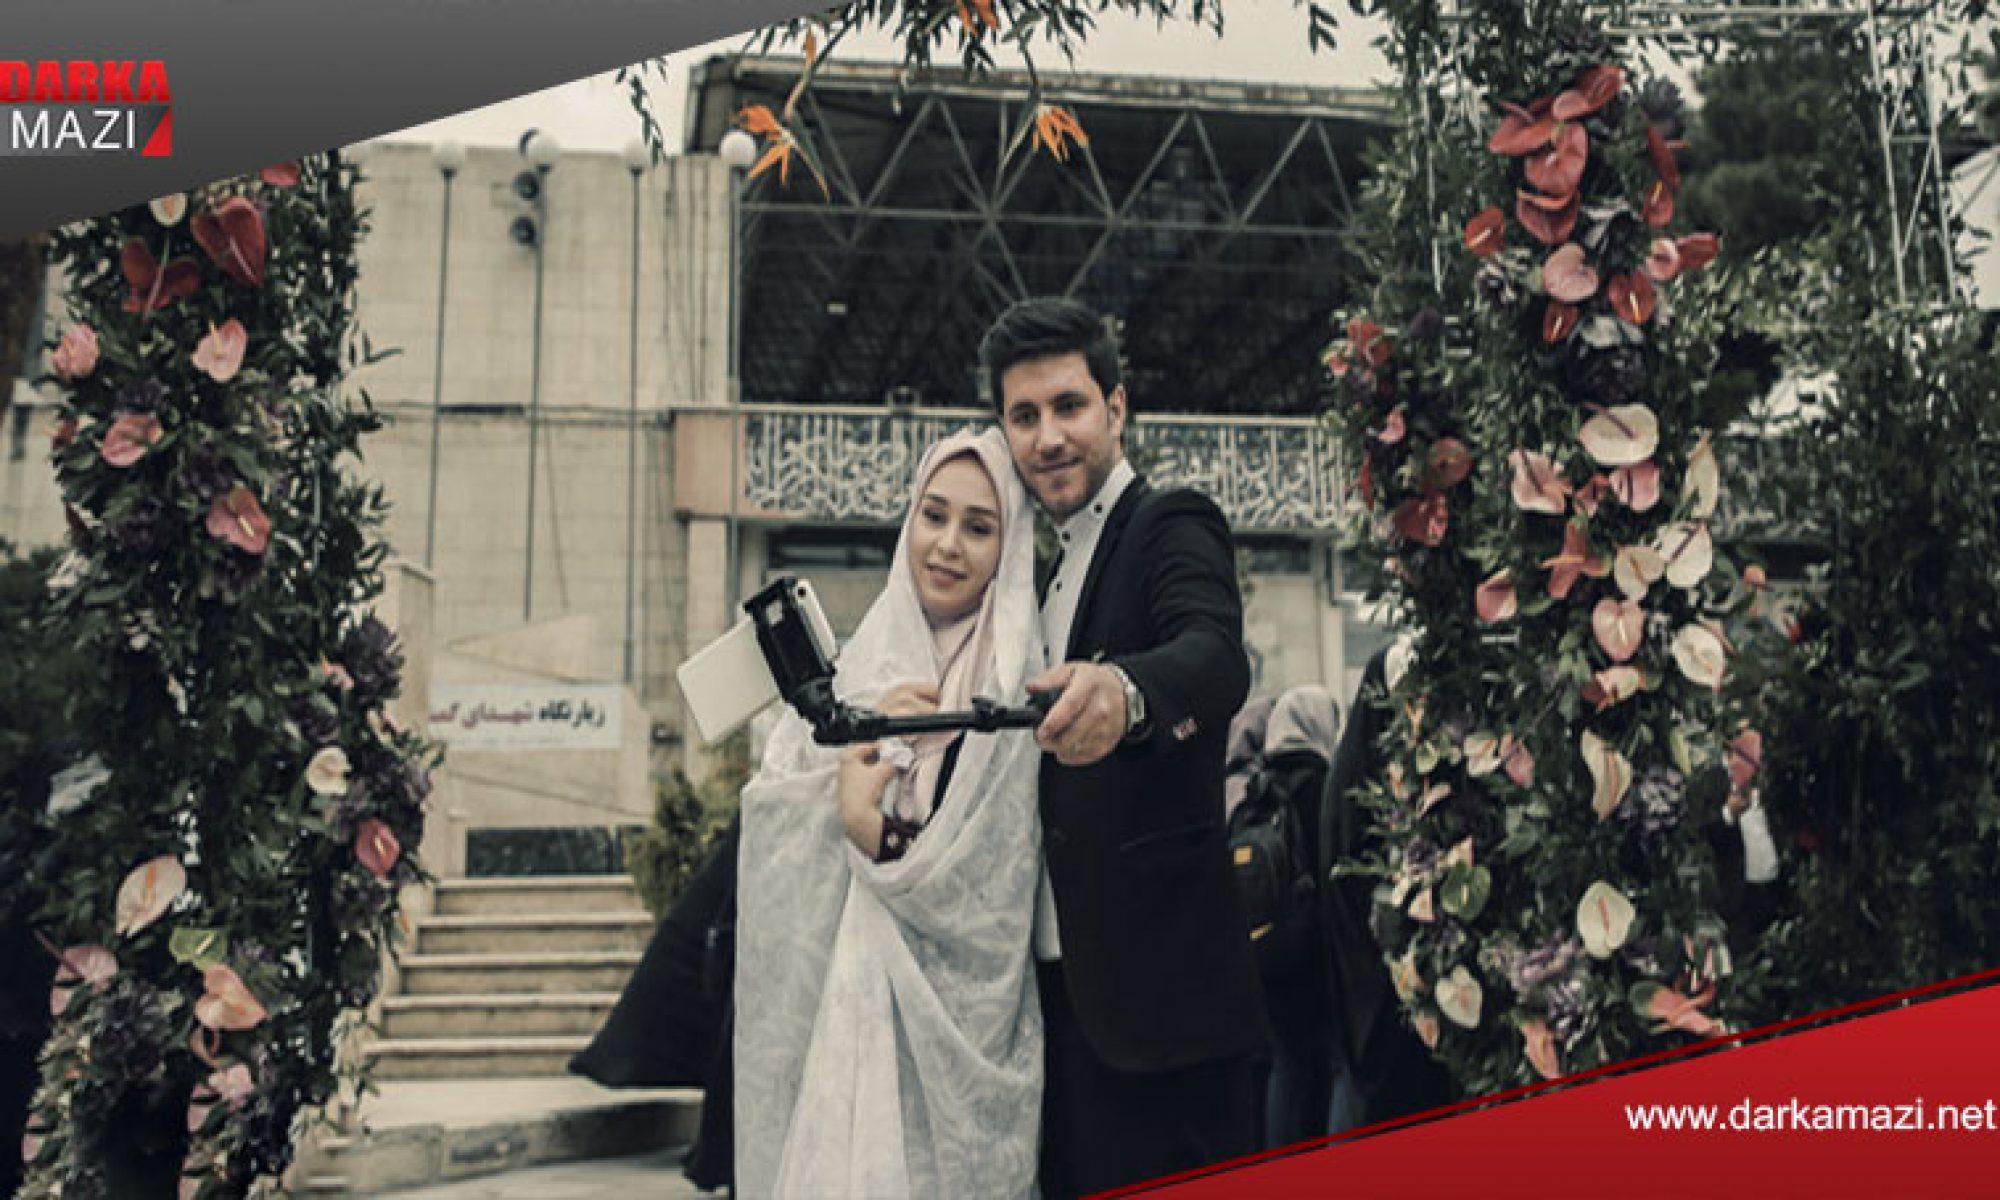 İranlı din adamından ilginç öneri: Bekarlar vergi ödesin